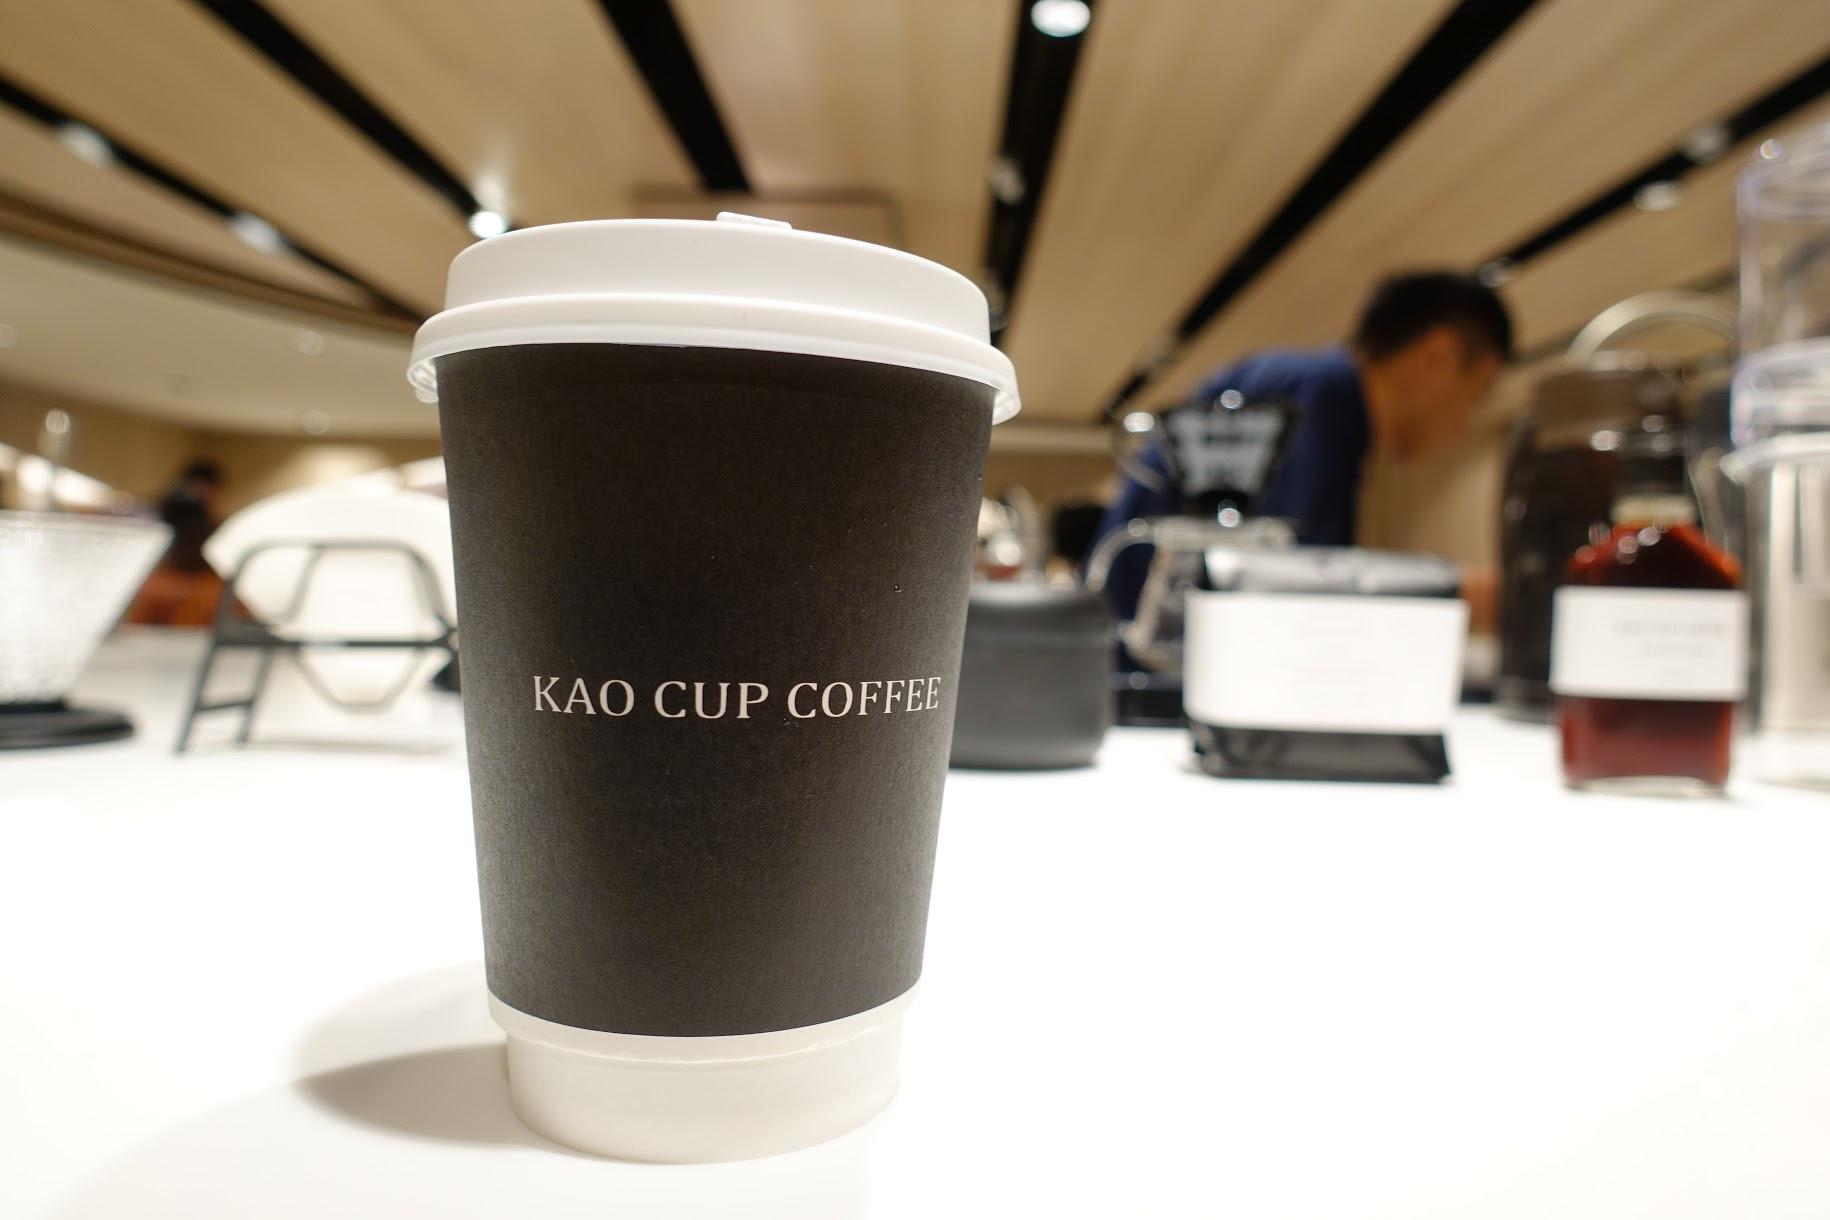 高雄-悦誠B1-靠杯咖啡 KAO CUP COFFEE